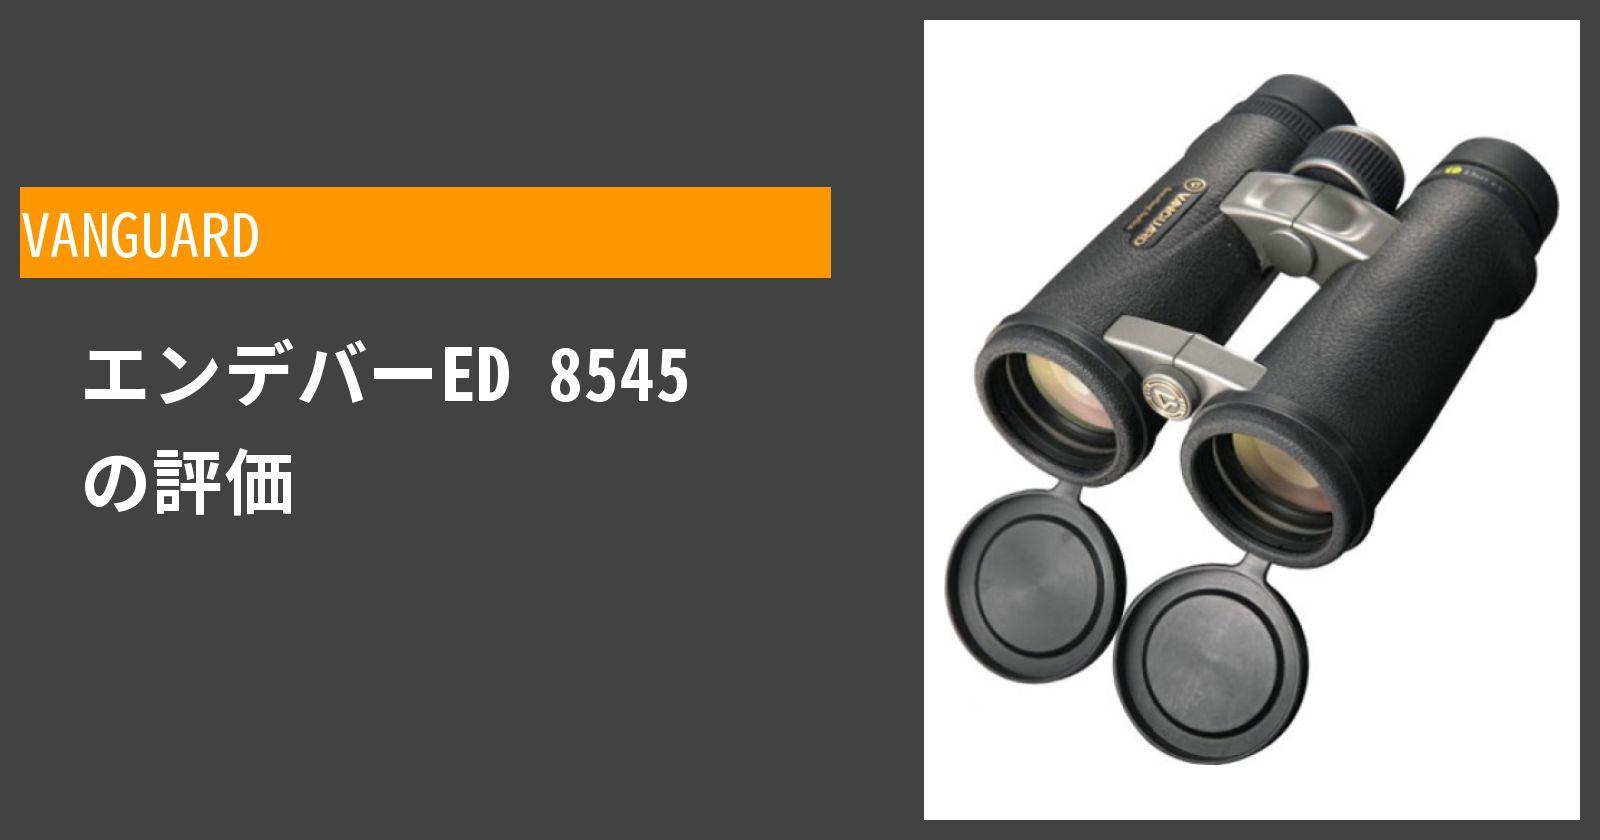 エンデバーED 8545を徹底評価